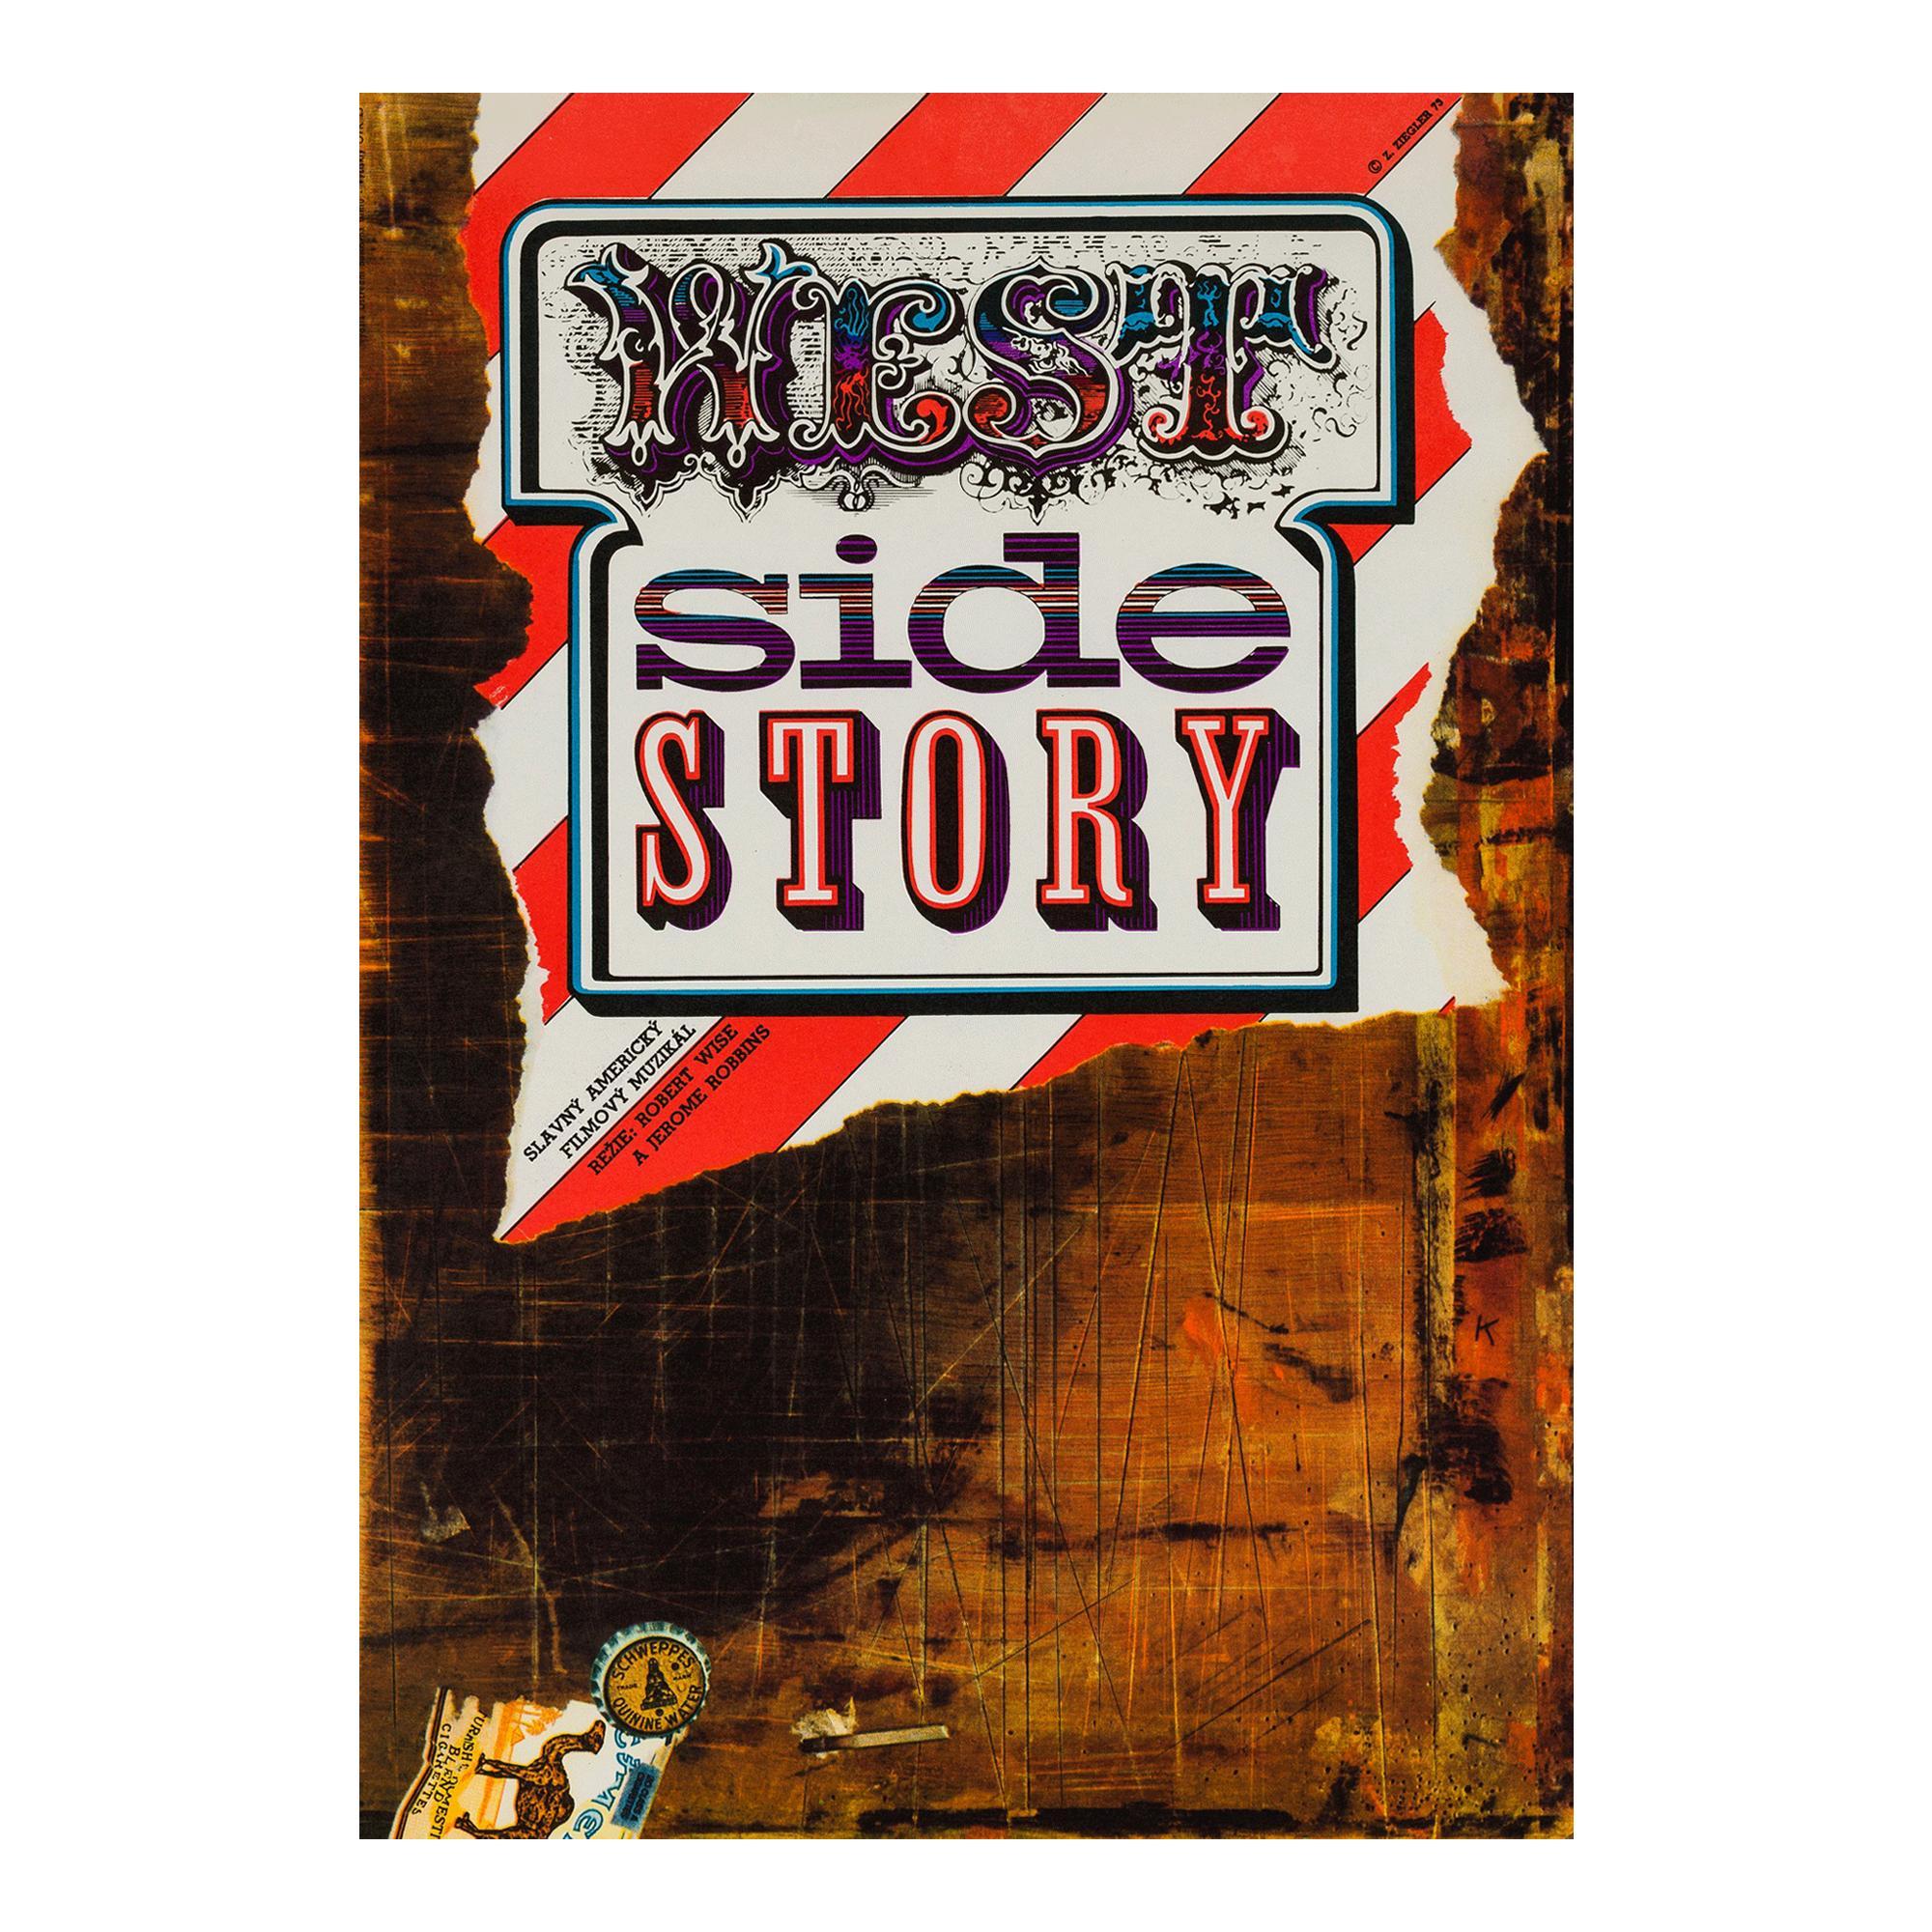 West Side Story Czech Film Movie Poster, Zdeněk Ziegler, 1973